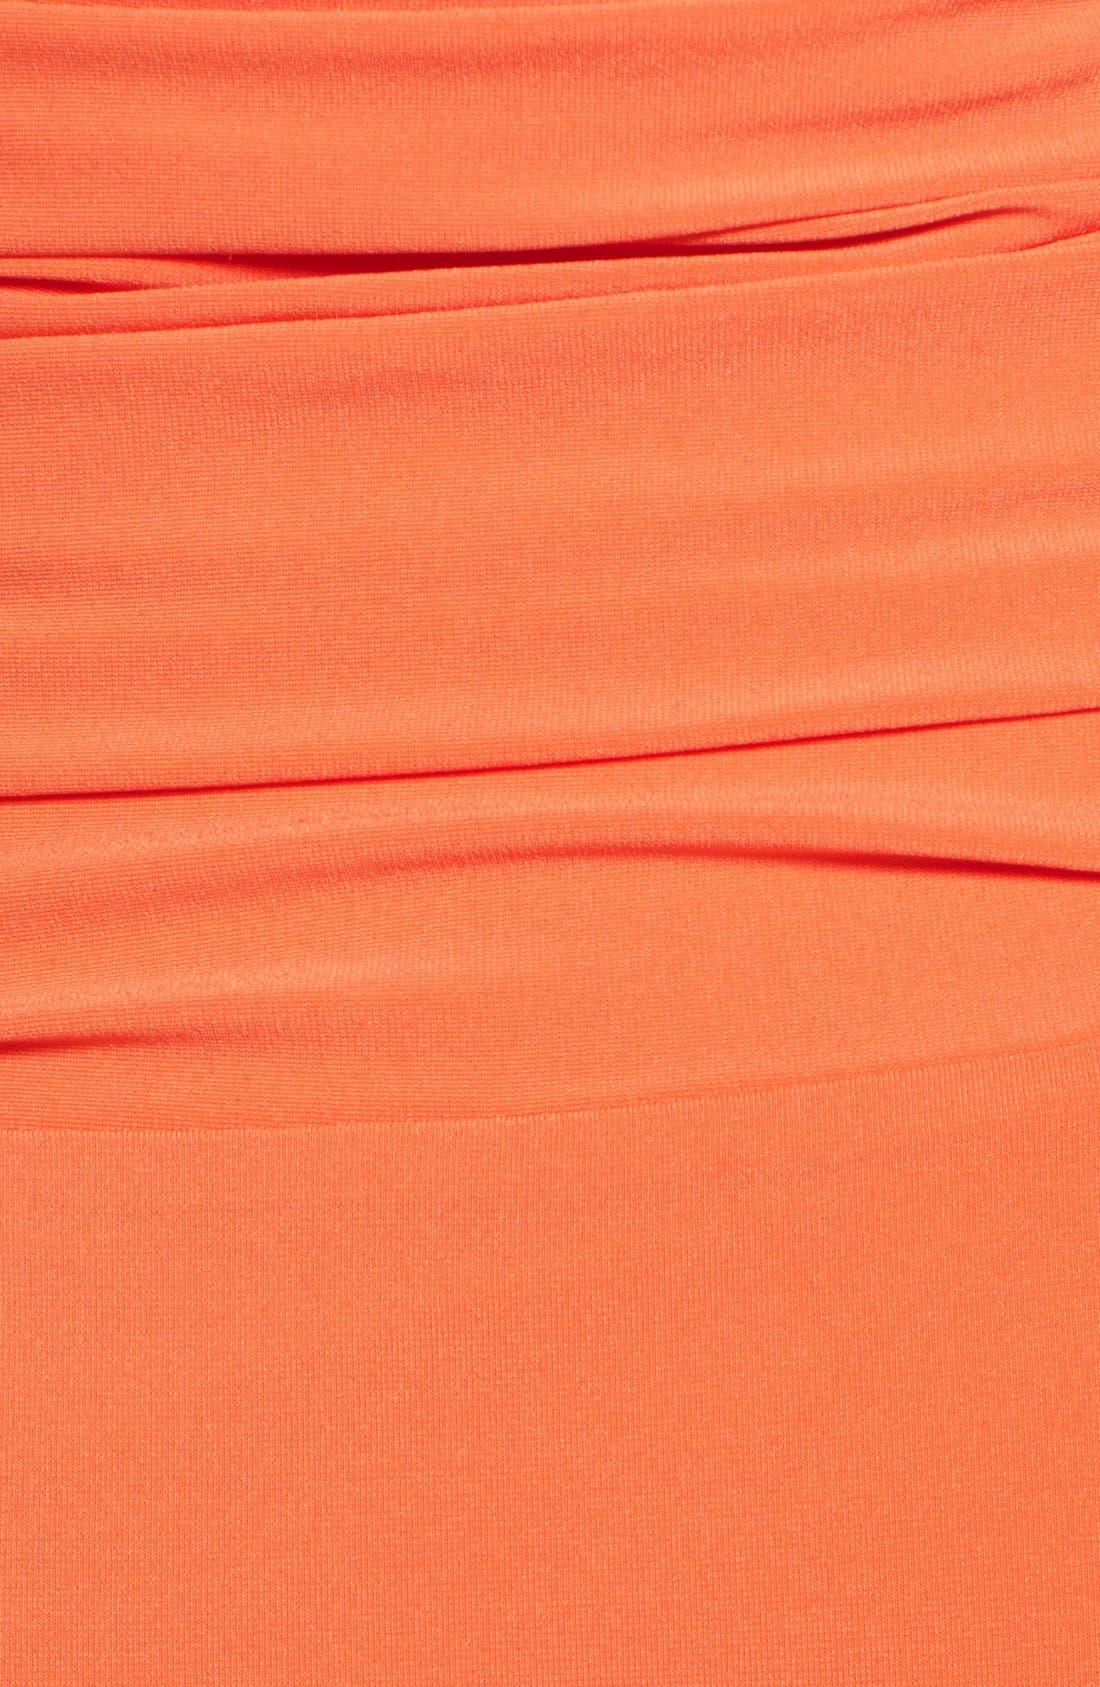 Alternate Image 4  - Halston Heritage Knotted V-Neck Jersey Dress